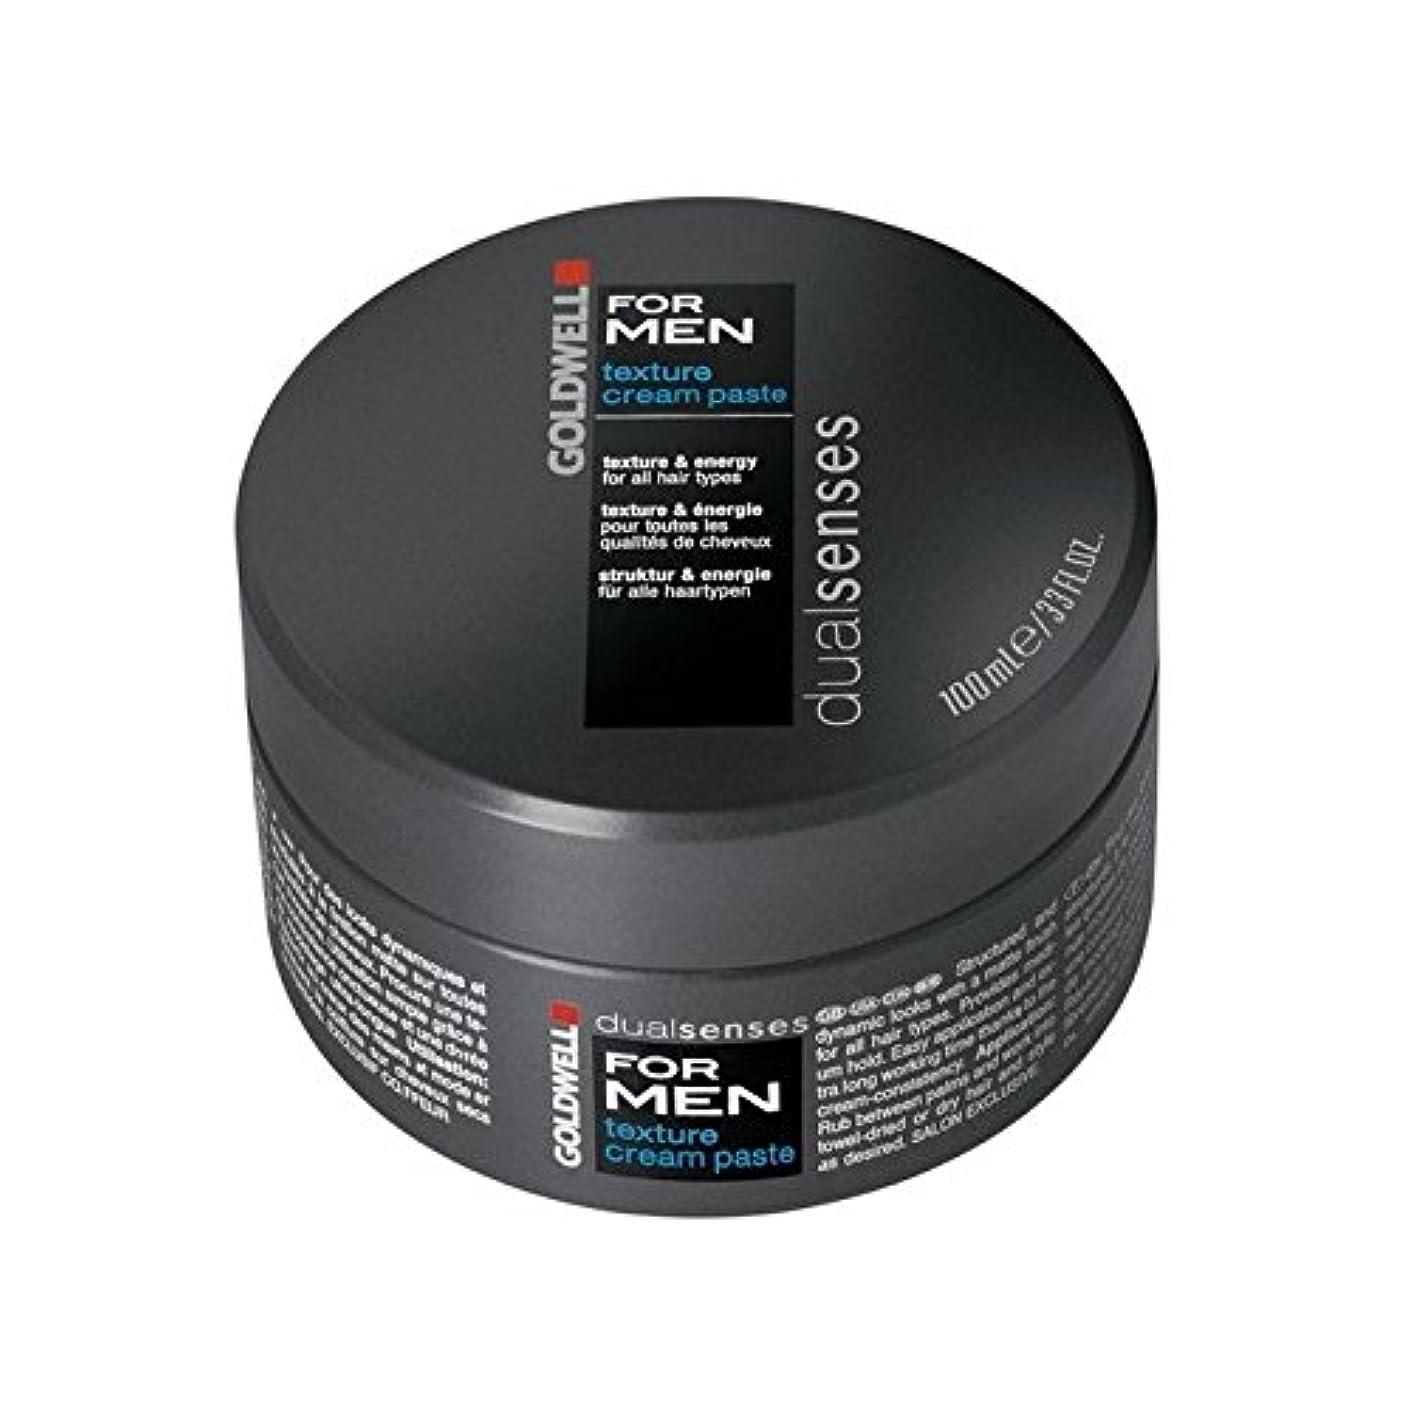 パーセント観客口ひげGoldwell Dualsenses For Men Texture Cream Paste (100ml) - 男性のテクスチャーのクリームペースト(100ミリリットル)のためのの [並行輸入品]